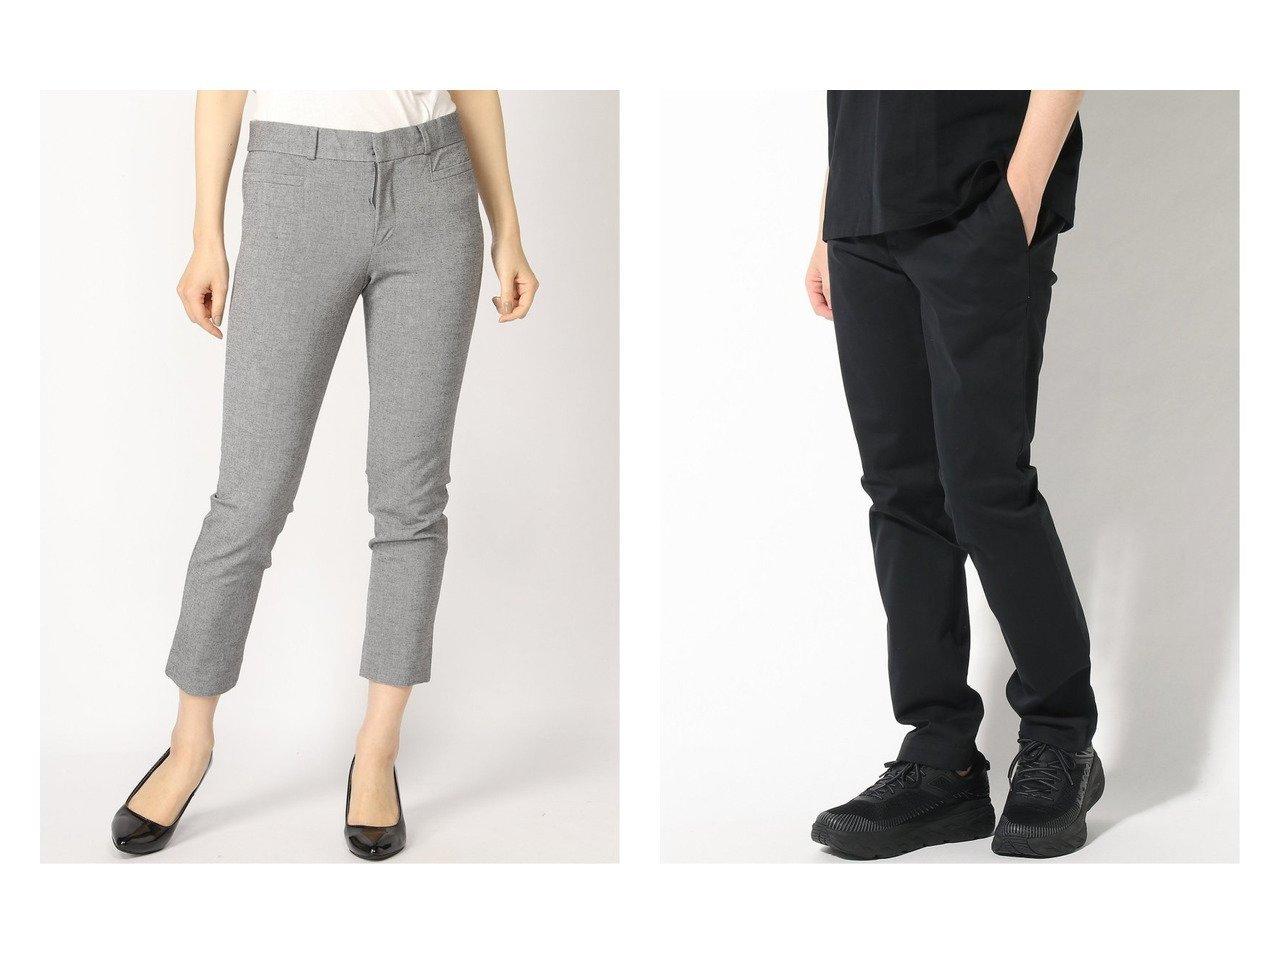 【BANANA REPUBLIC/バナナ リパブリック】のSloan Skinny-Fit ウォッシャブルパンツ&Aiden Rapid Movement スリムチノ BANANA REPUBLICのおすすめ!人気、トレンド・レディースファッションの通販 おすすめで人気の流行・トレンド、ファッションの通販商品 メンズファッション・キッズファッション・インテリア・家具・レディースファッション・服の通販 founy(ファニー) https://founy.com/ ファッション Fashion レディースファッション WOMEN パンツ Pants アンクル クロップド ジーンズ ストレッチ フィット ループ コイン ジップ スリム フロント ポケット |ID:crp329100000019110